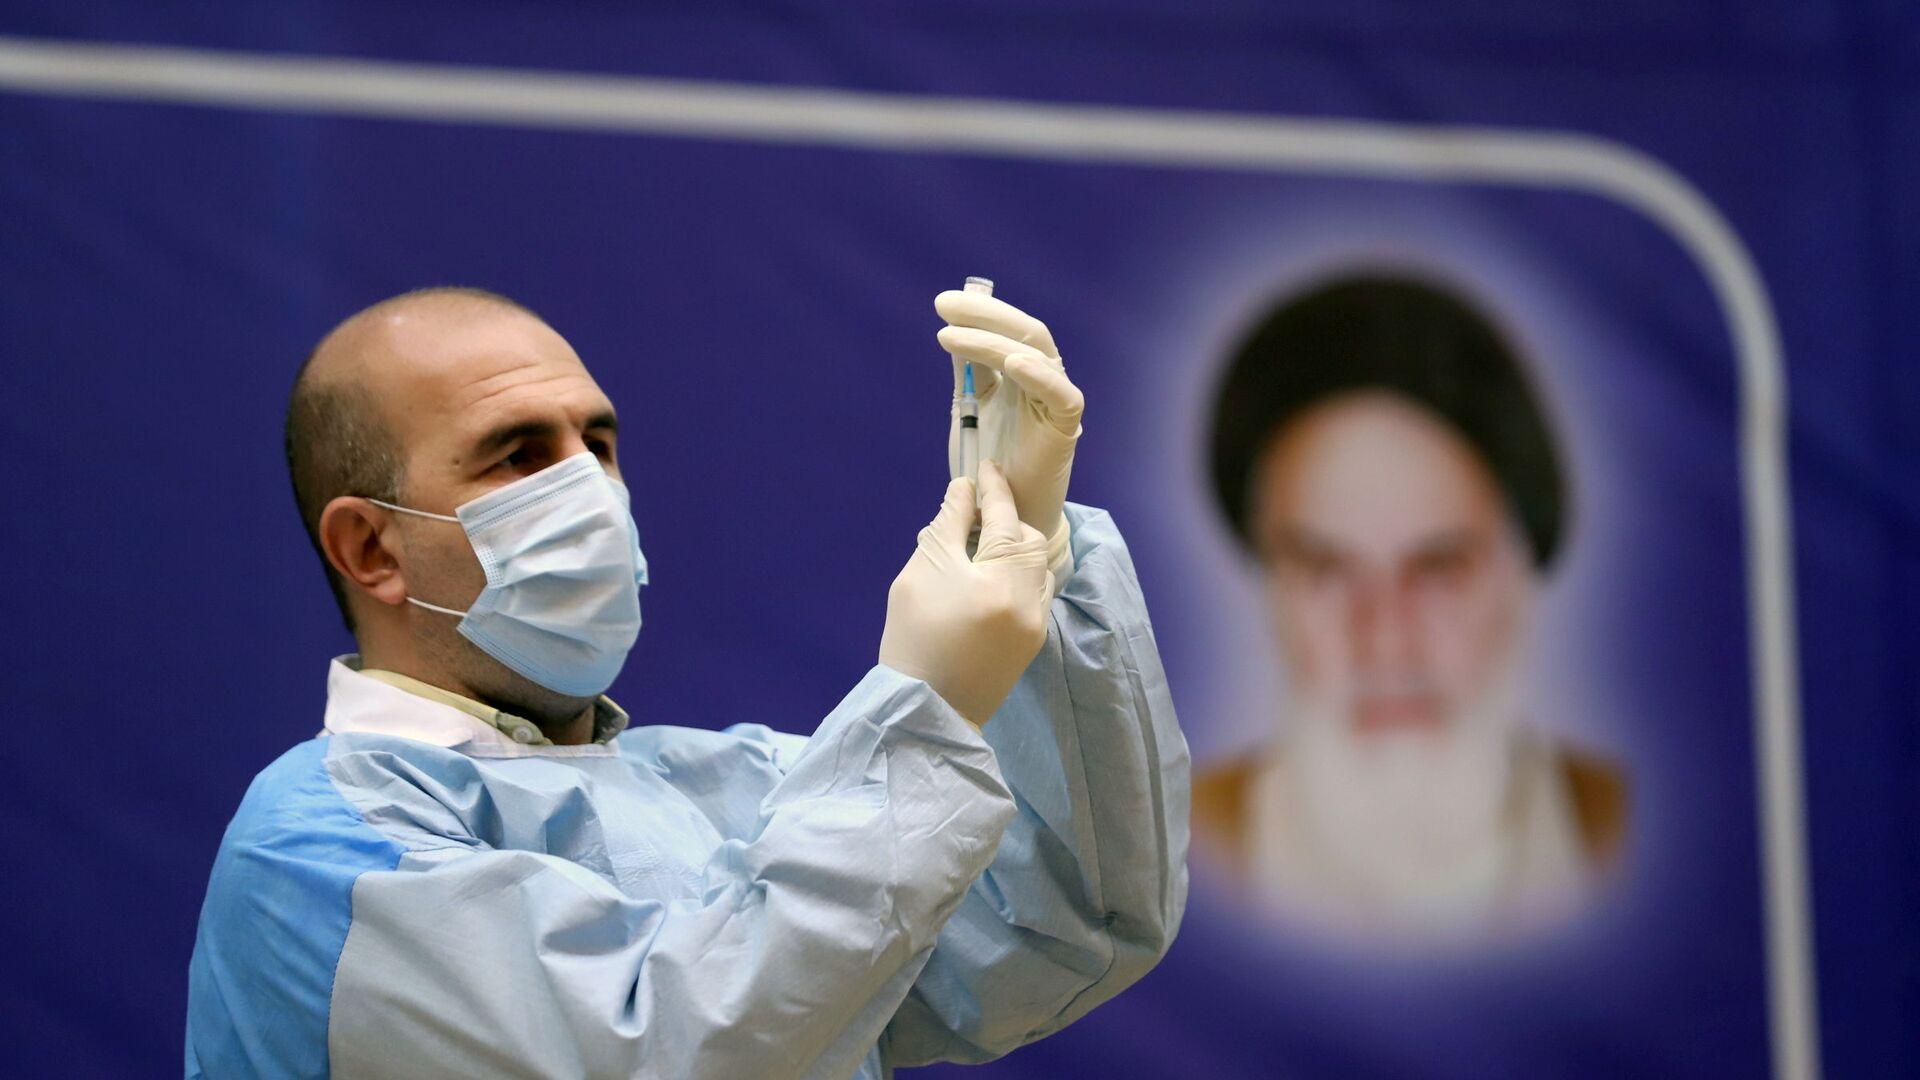 La inmunización contra el coronavirus con la vacuna rusa Sputnik V en Irán - Sputnik Mundo, 1920, 09.02.2021